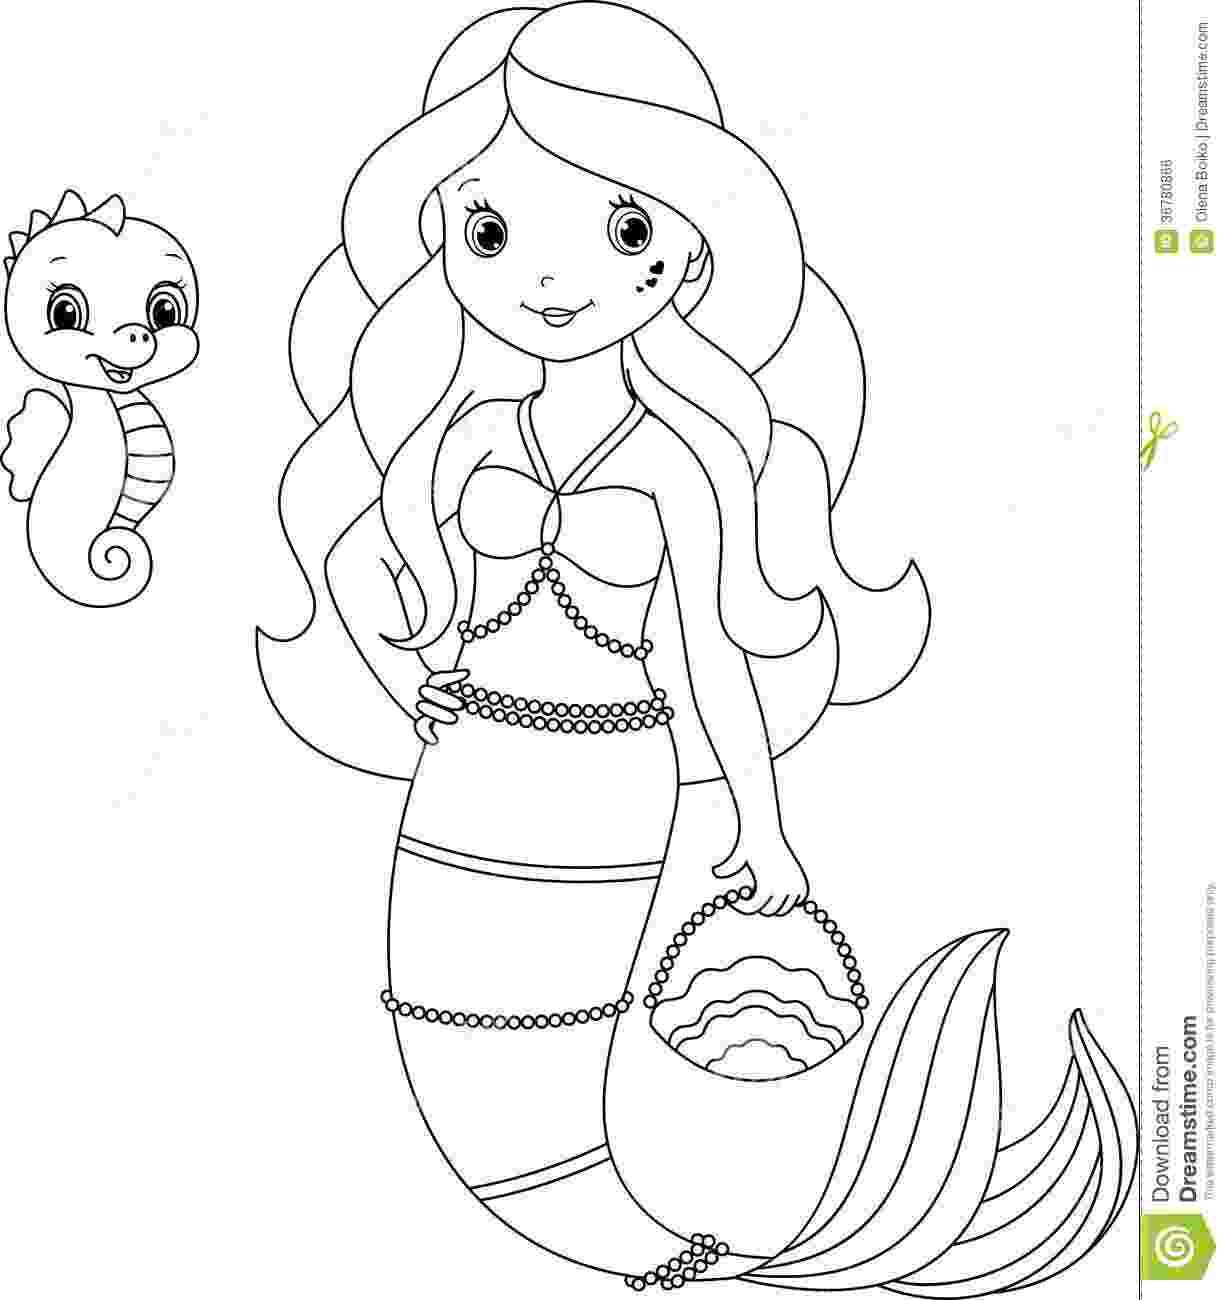 mermaid color pages printable mermaid coloring pages for kids cool2bkids mermaid pages color